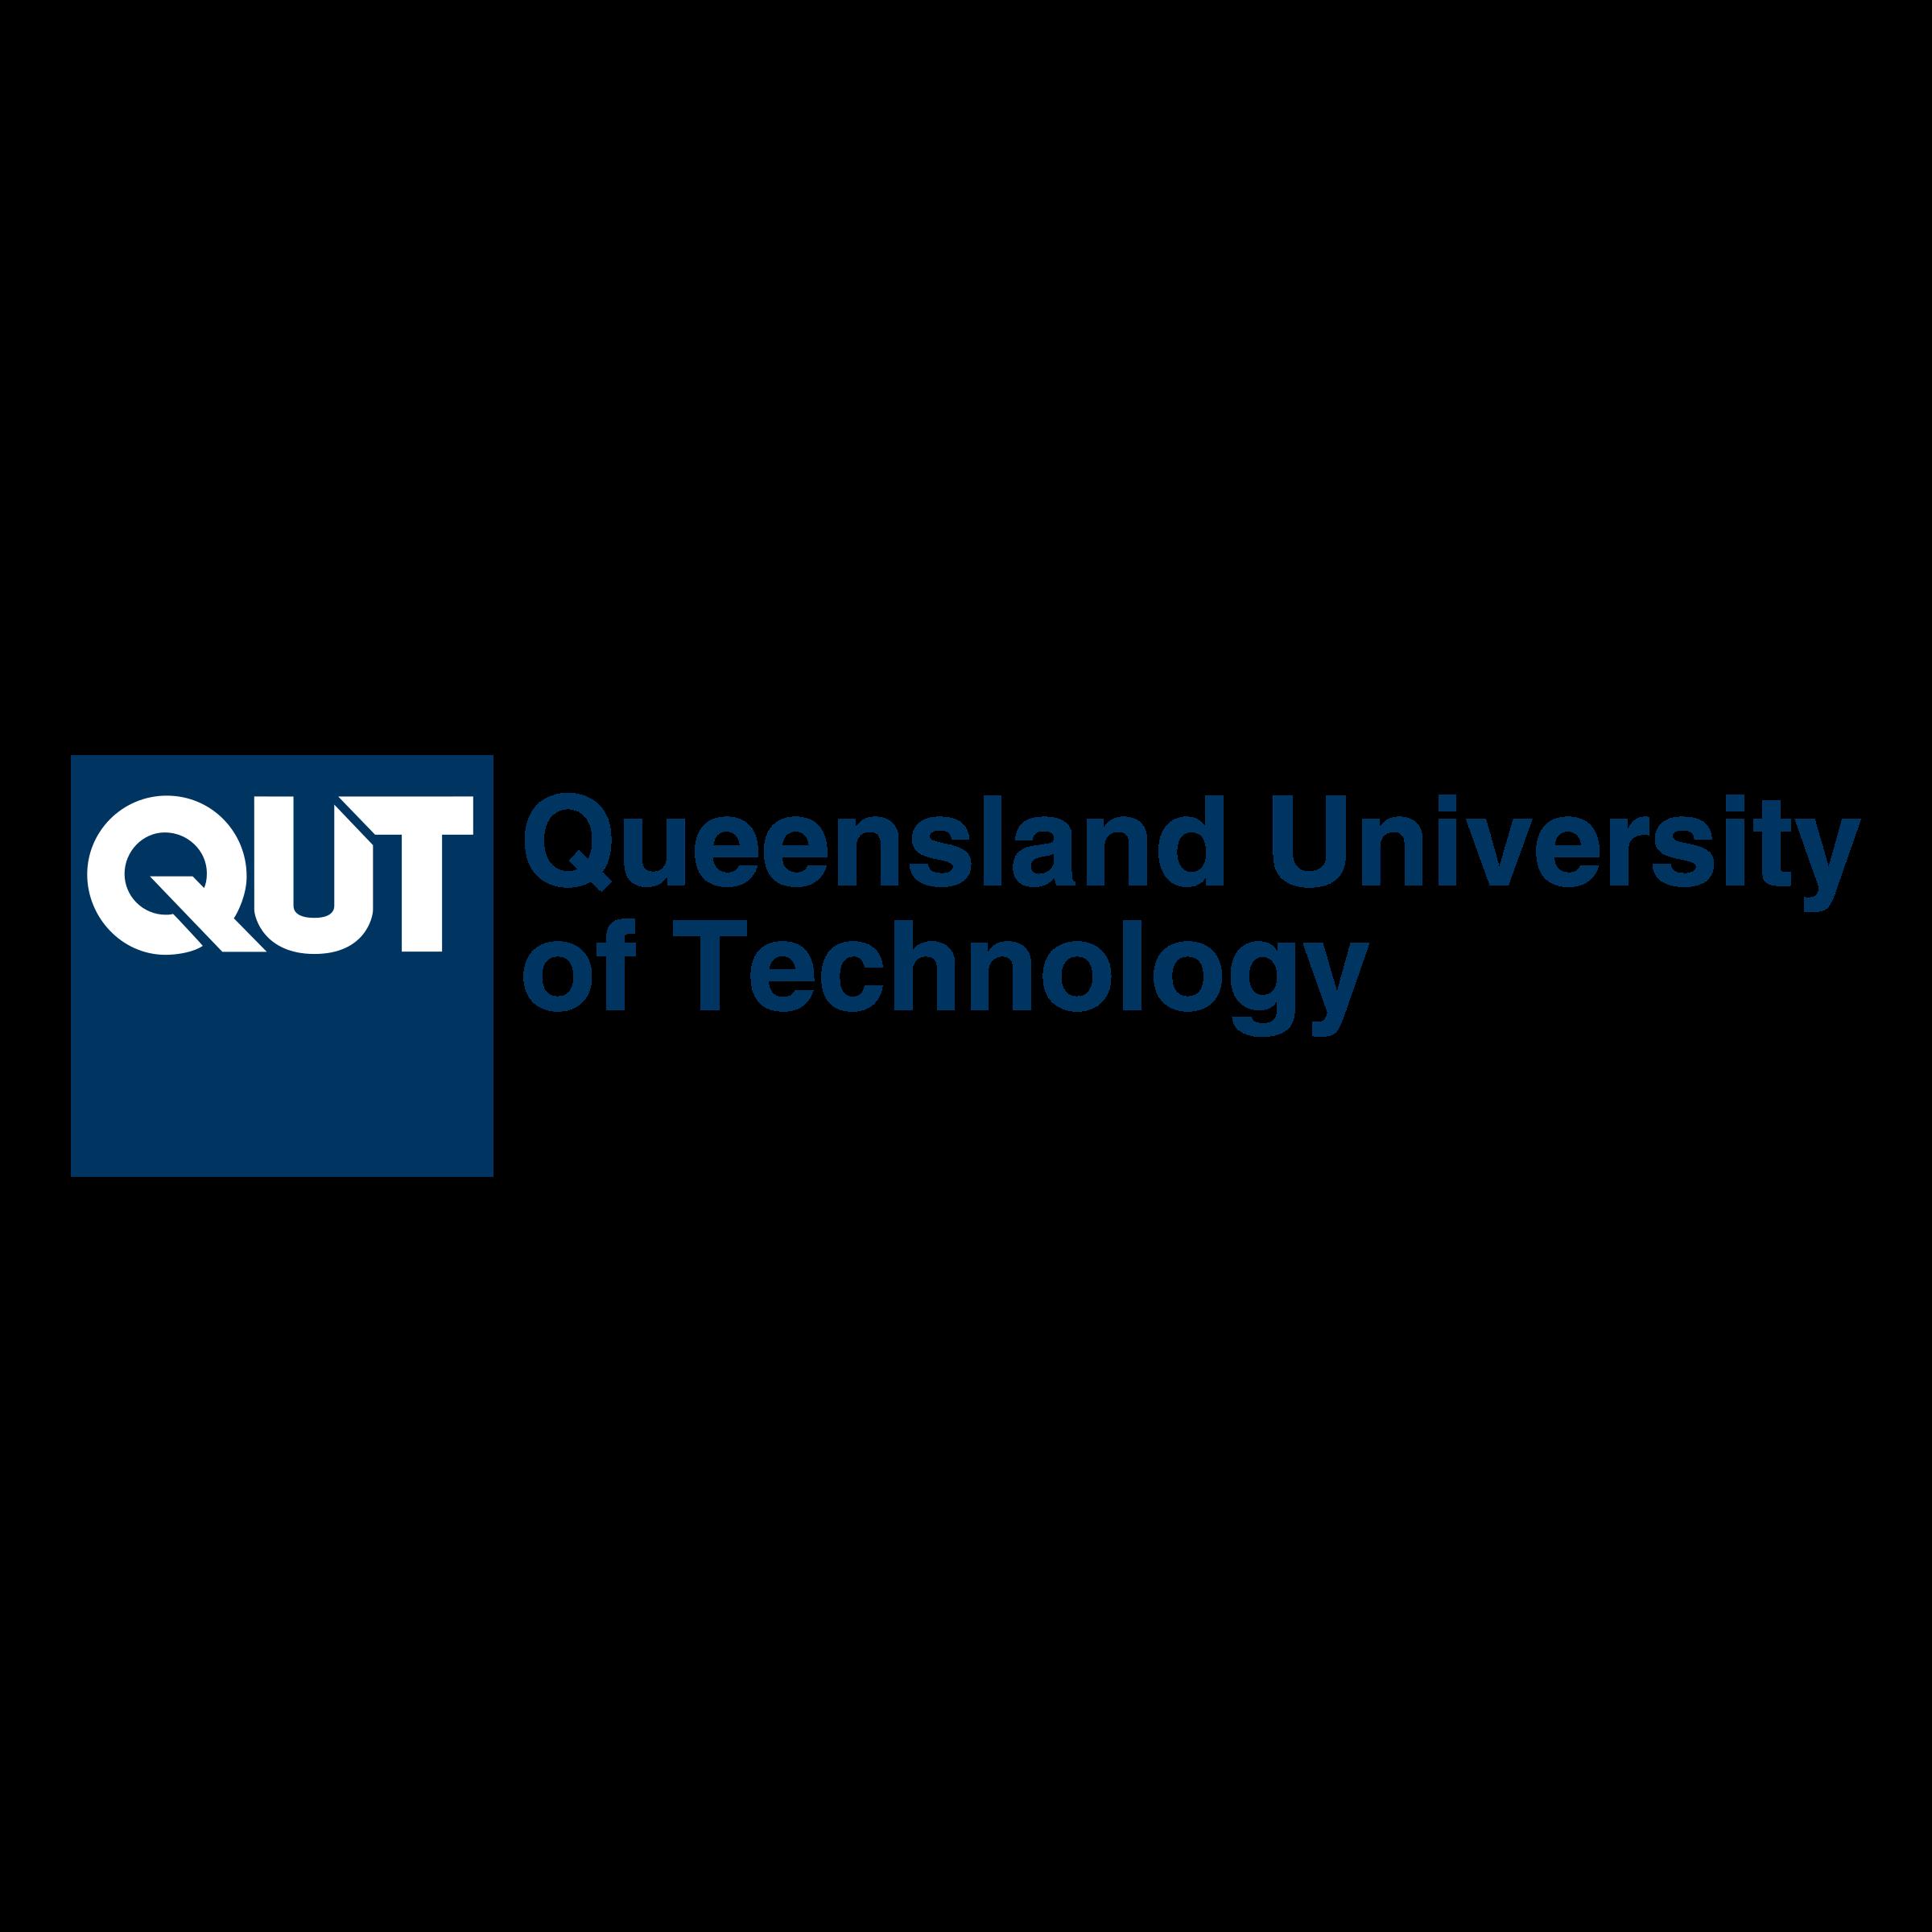 qut-8-logo-png-transparent.png